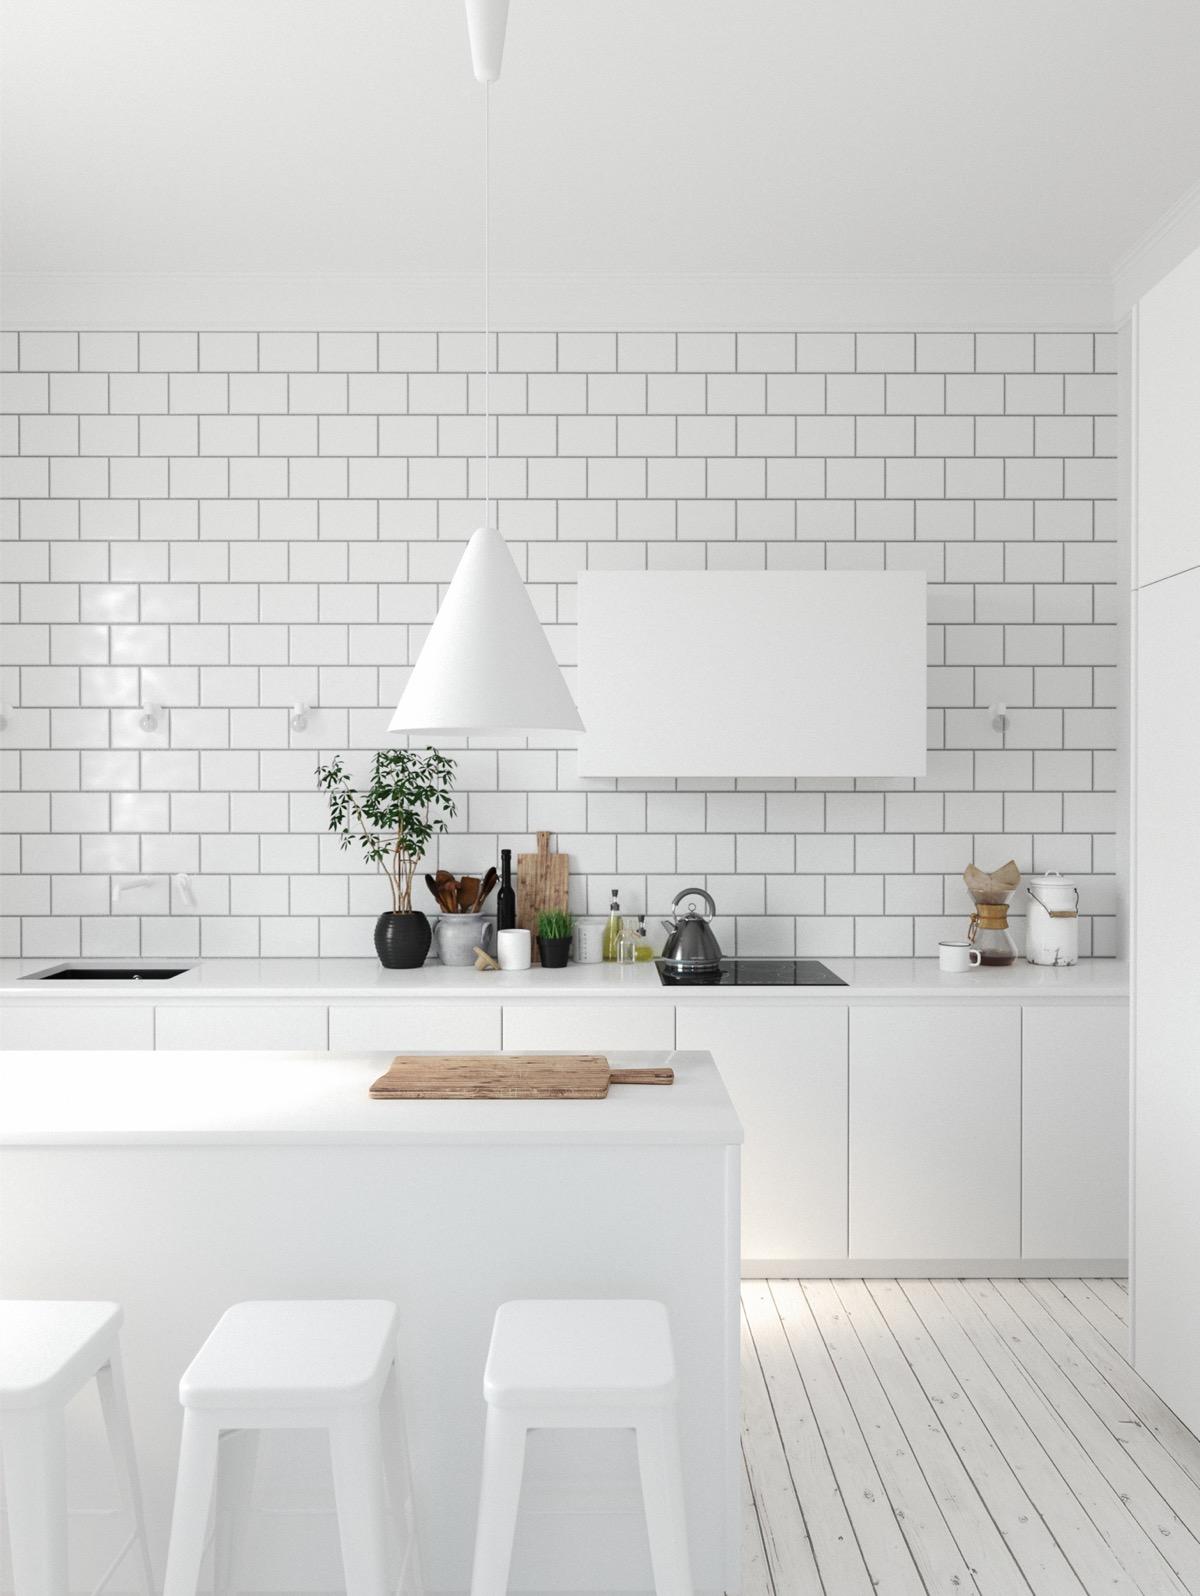 23 mẫu phòng bếp tối giản với tone màu trắng chủ đạo sẽ khiến bạn không thể không yêu - Ảnh 5.